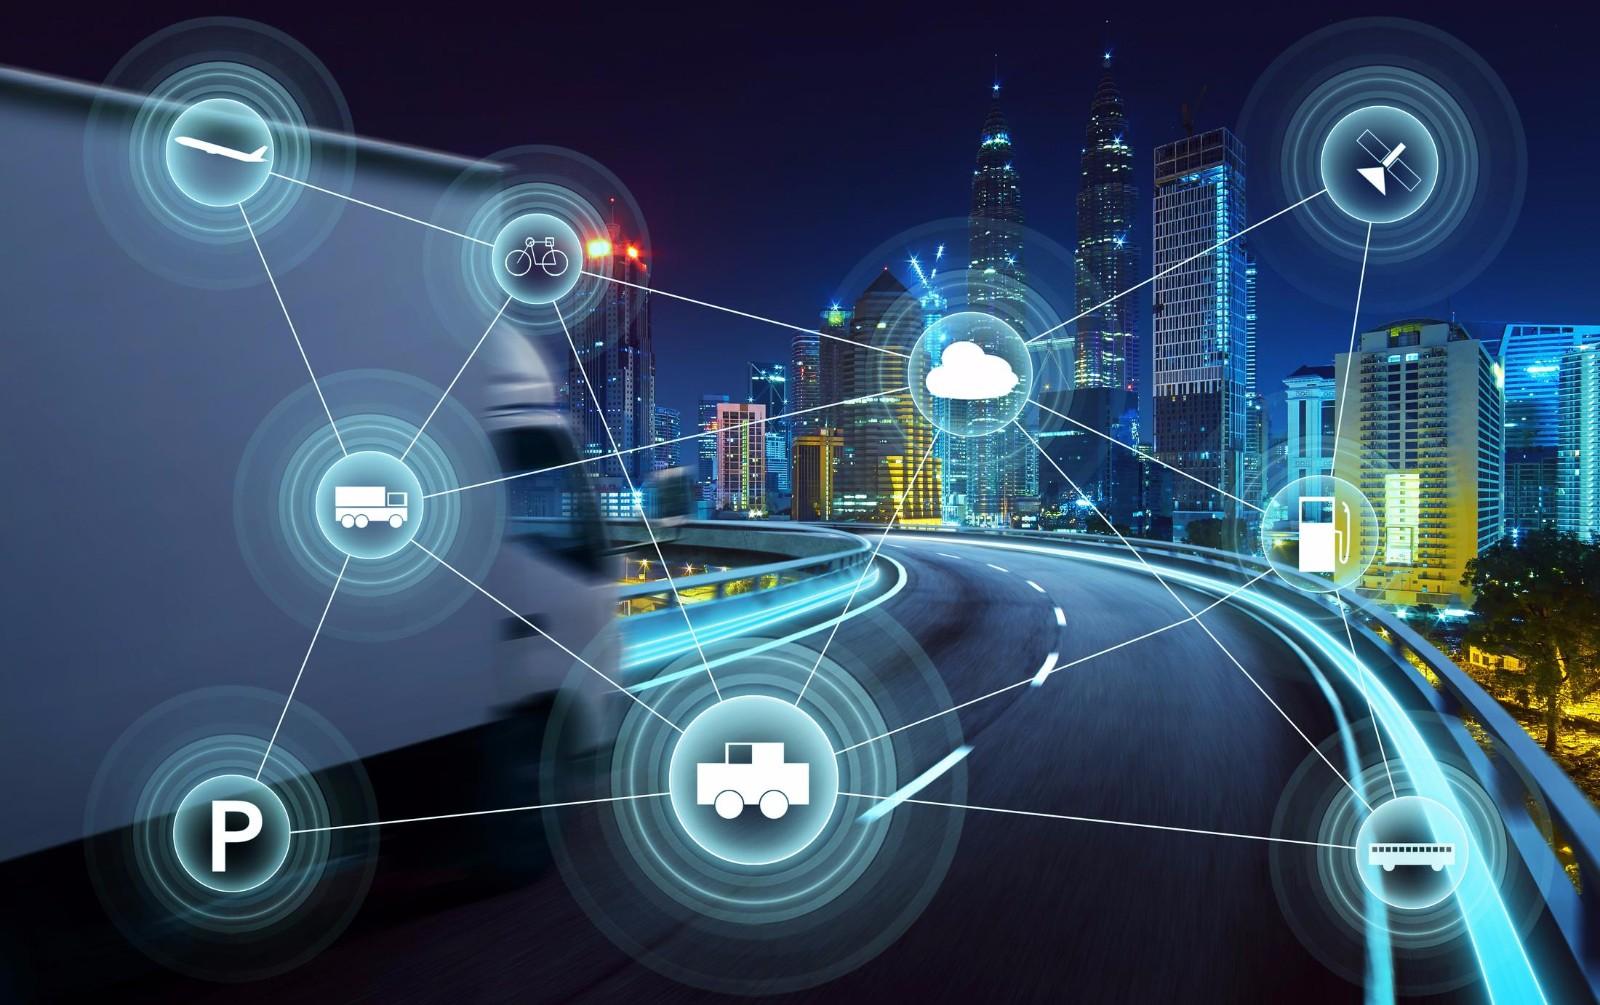 中兴软创城市交通大脑,数据智能赋予城市新气质